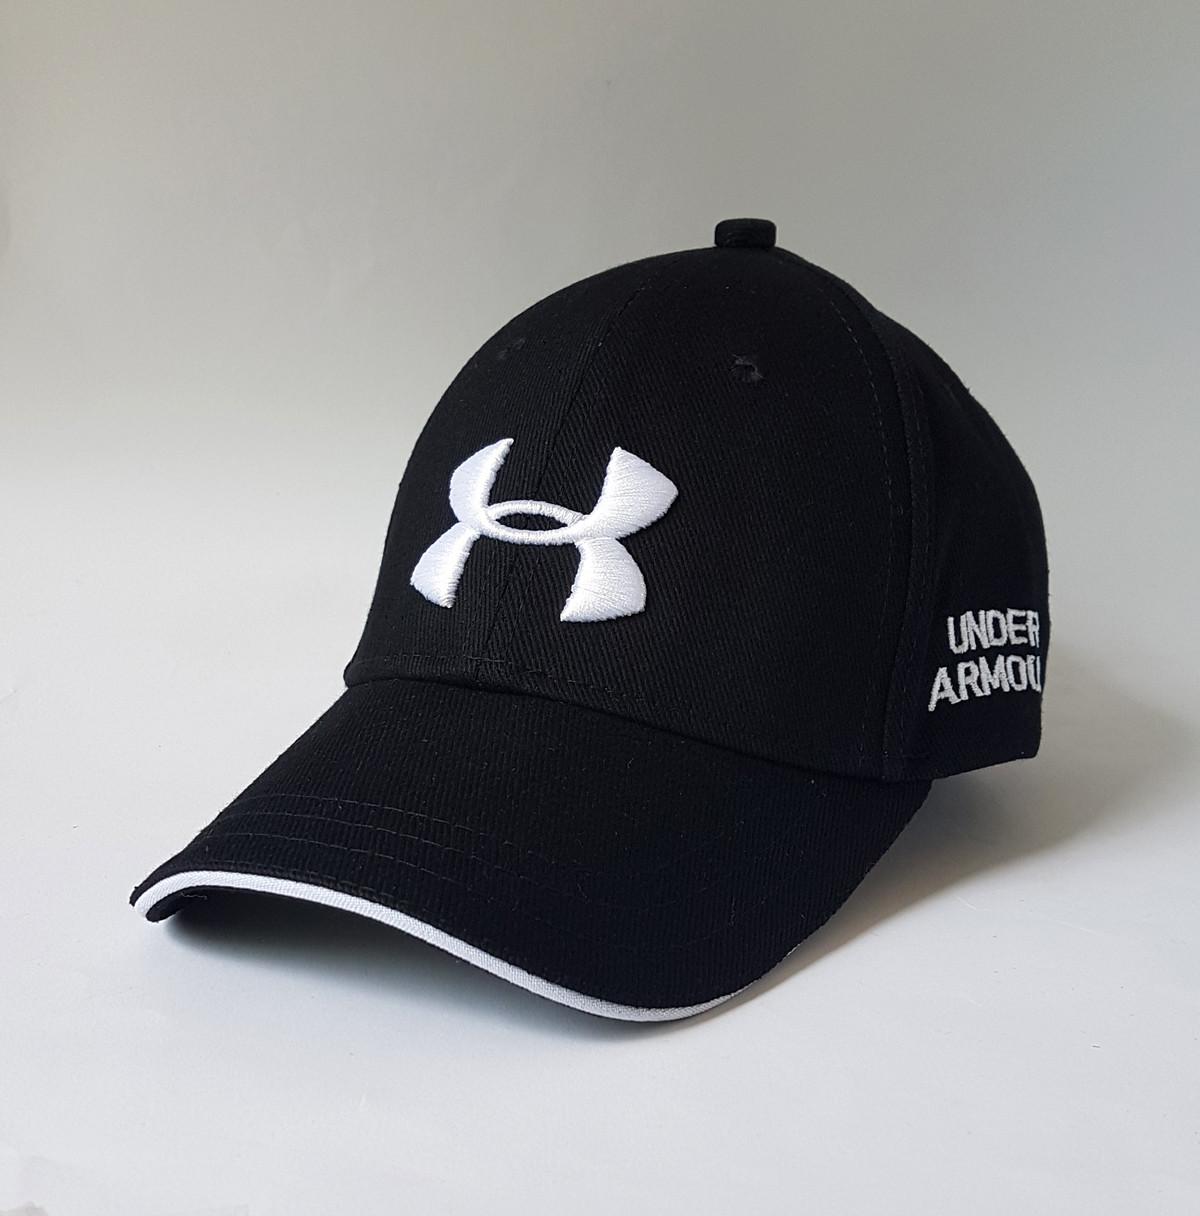 Кепка Under Armour черная - Brendosport - мультибрендовый интернет-магазин  одежды и аксессуаров в Виннице 55c6da209ca3e